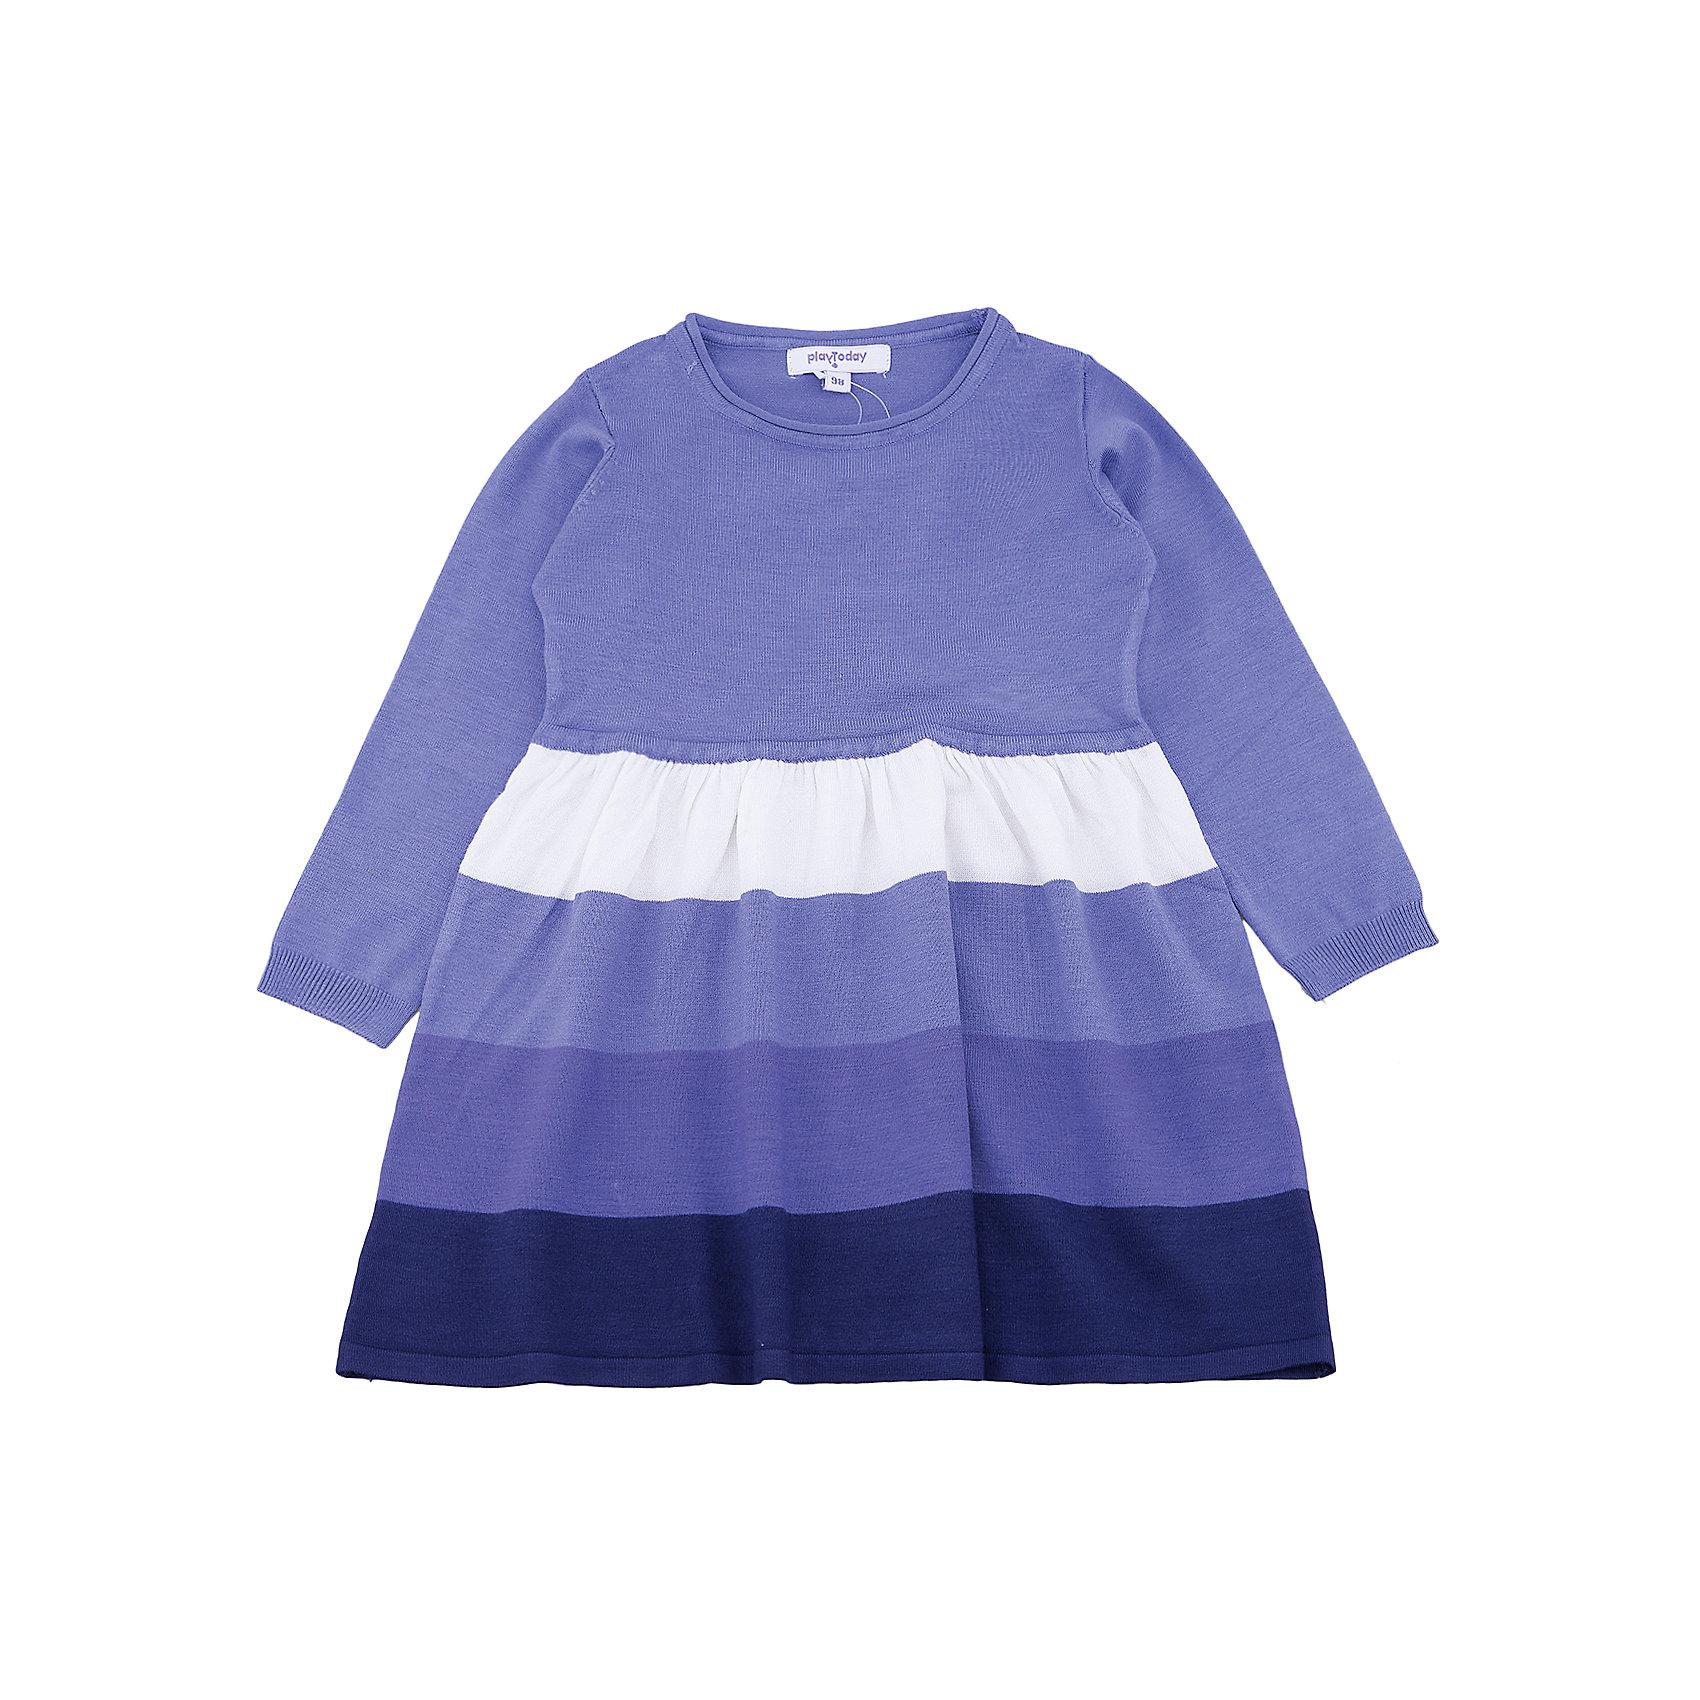 Платье PlayToday для девочкиОсенне-зимние платья и сарафаны<br>Платье PlayToday для девочки<br>Платье, отрезное по талии,  с длинным рукавом и округлым вырезом у горловины дополнит повседневный гардероб ребенка. Манжеты на мягких резинках. Приятная на ощупь ткань не вызывает раздражений. Свобрдный крой не сковывает движений.<br>Состав:<br>50% вискоза, 50% нейлон<br><br>Ширина мм: 236<br>Глубина мм: 16<br>Высота мм: 184<br>Вес г: 177<br>Цвет: белый<br>Возраст от месяцев: 84<br>Возраст до месяцев: 96<br>Пол: Женский<br>Возраст: Детский<br>Размер: 128,98,104,110,116,122<br>SKU: 7115372